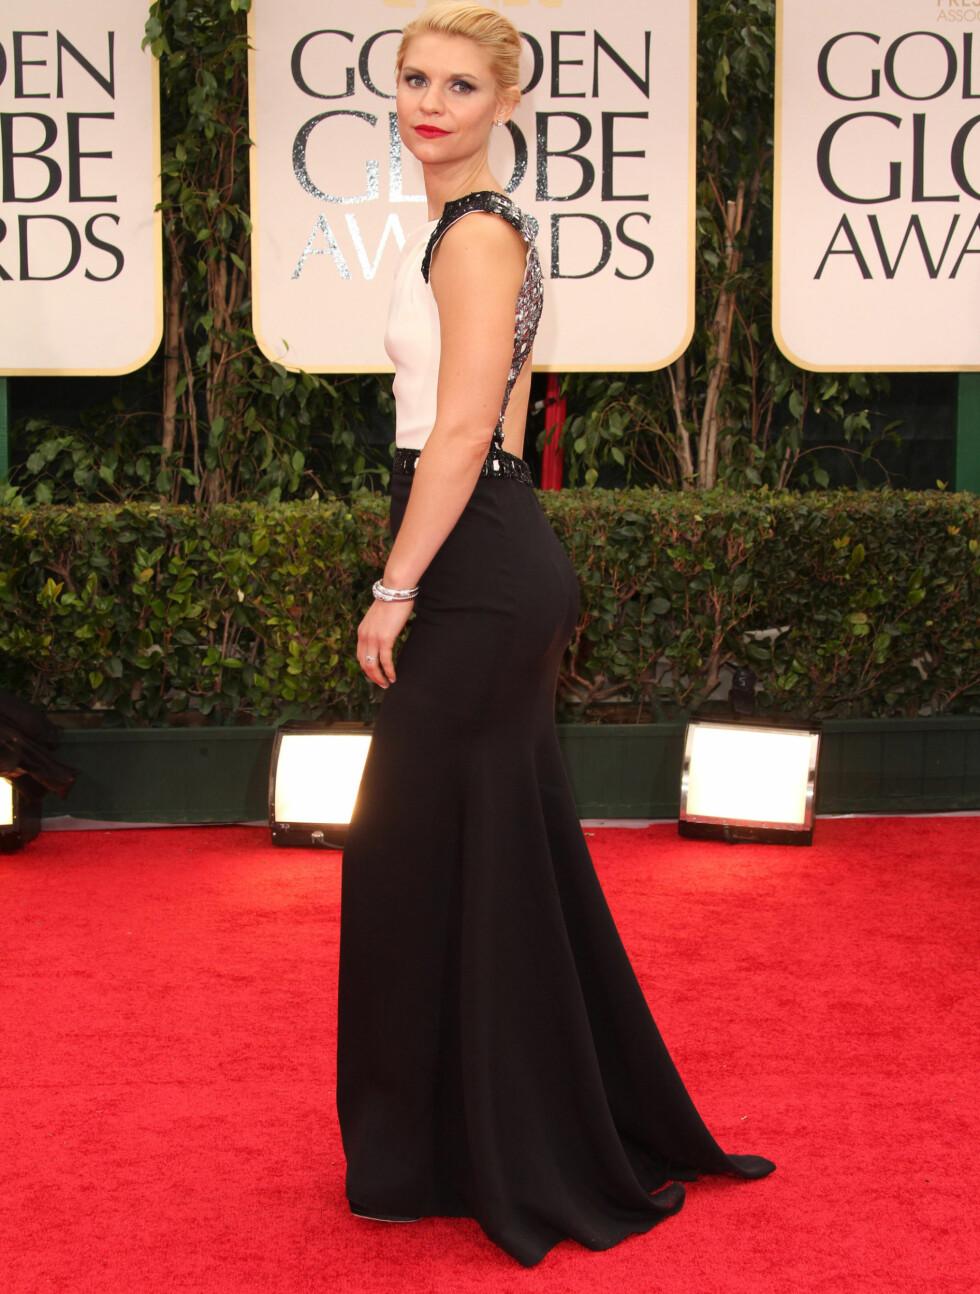 ÅPEN RYGG: Claire Danes hadde valgt en sort kjole med åpen rygg.  Foto: Stella Pictures